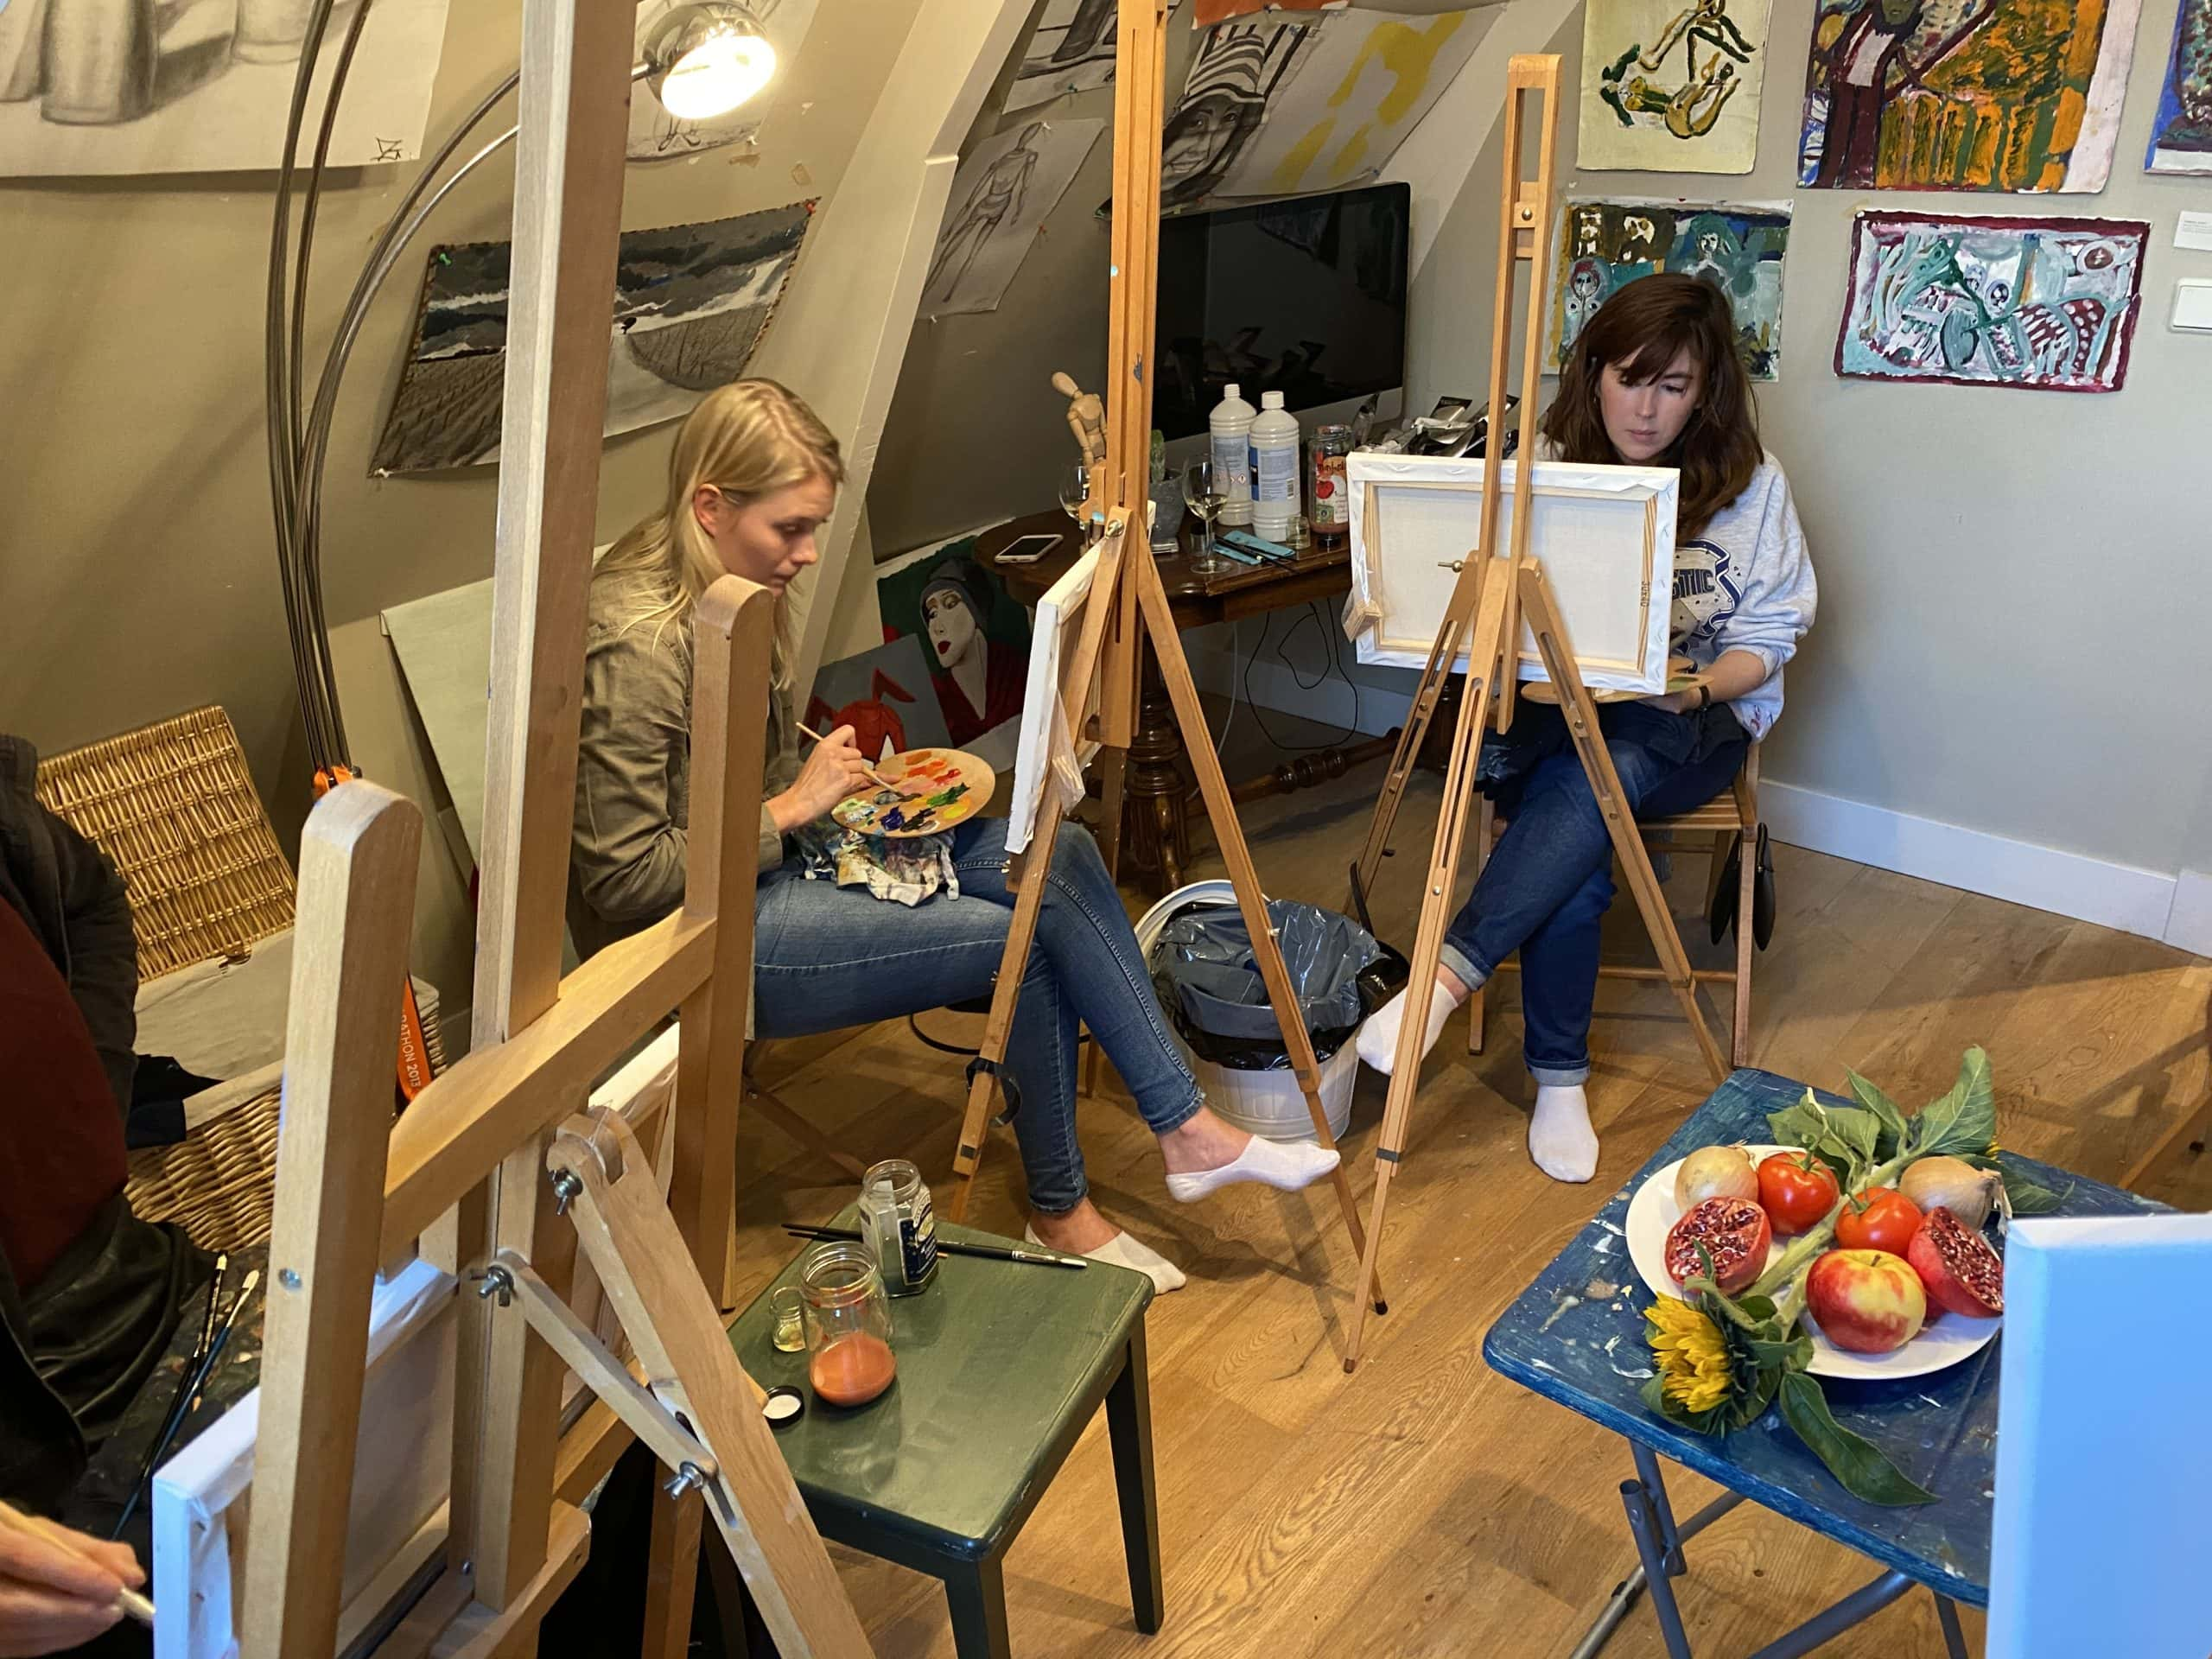 st-Art art workshop for businesses at Soho House